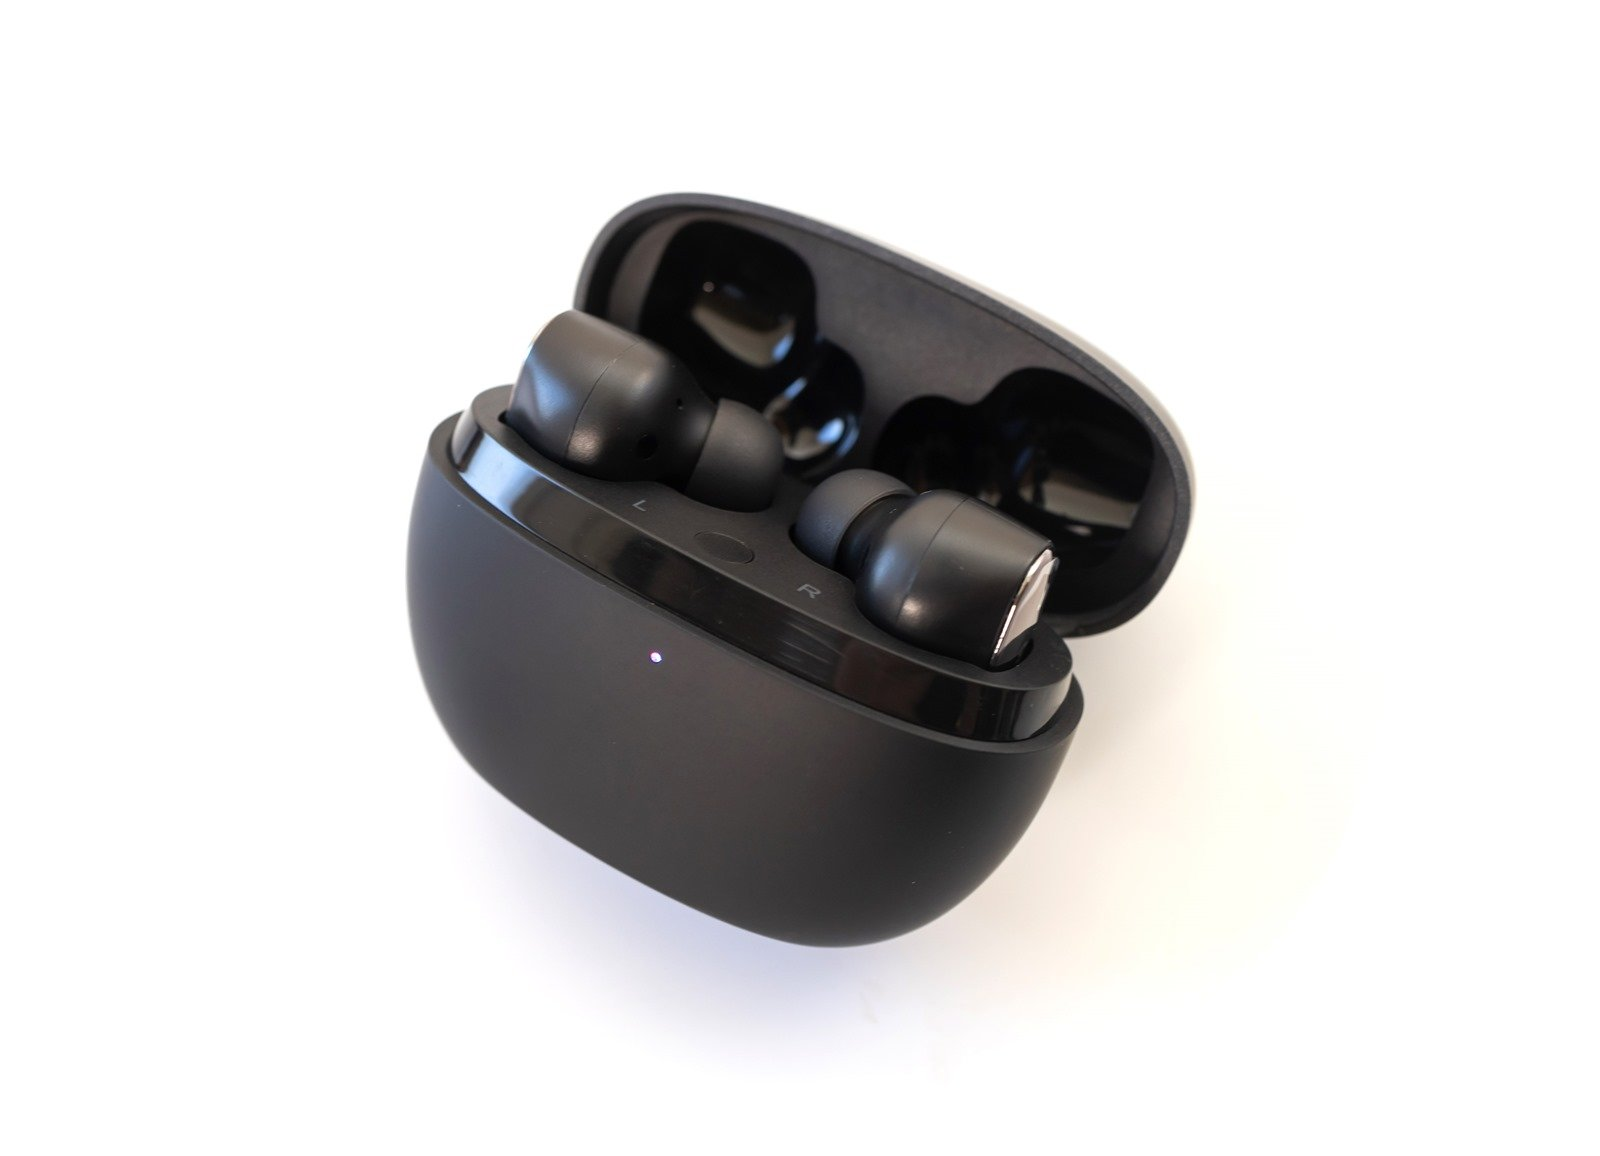 充電五分鐘聆聽一小時!AirFree 2 真無線藍牙耳機輕鬆擁有主動降噪與無線充電 @3C 達人廖阿輝